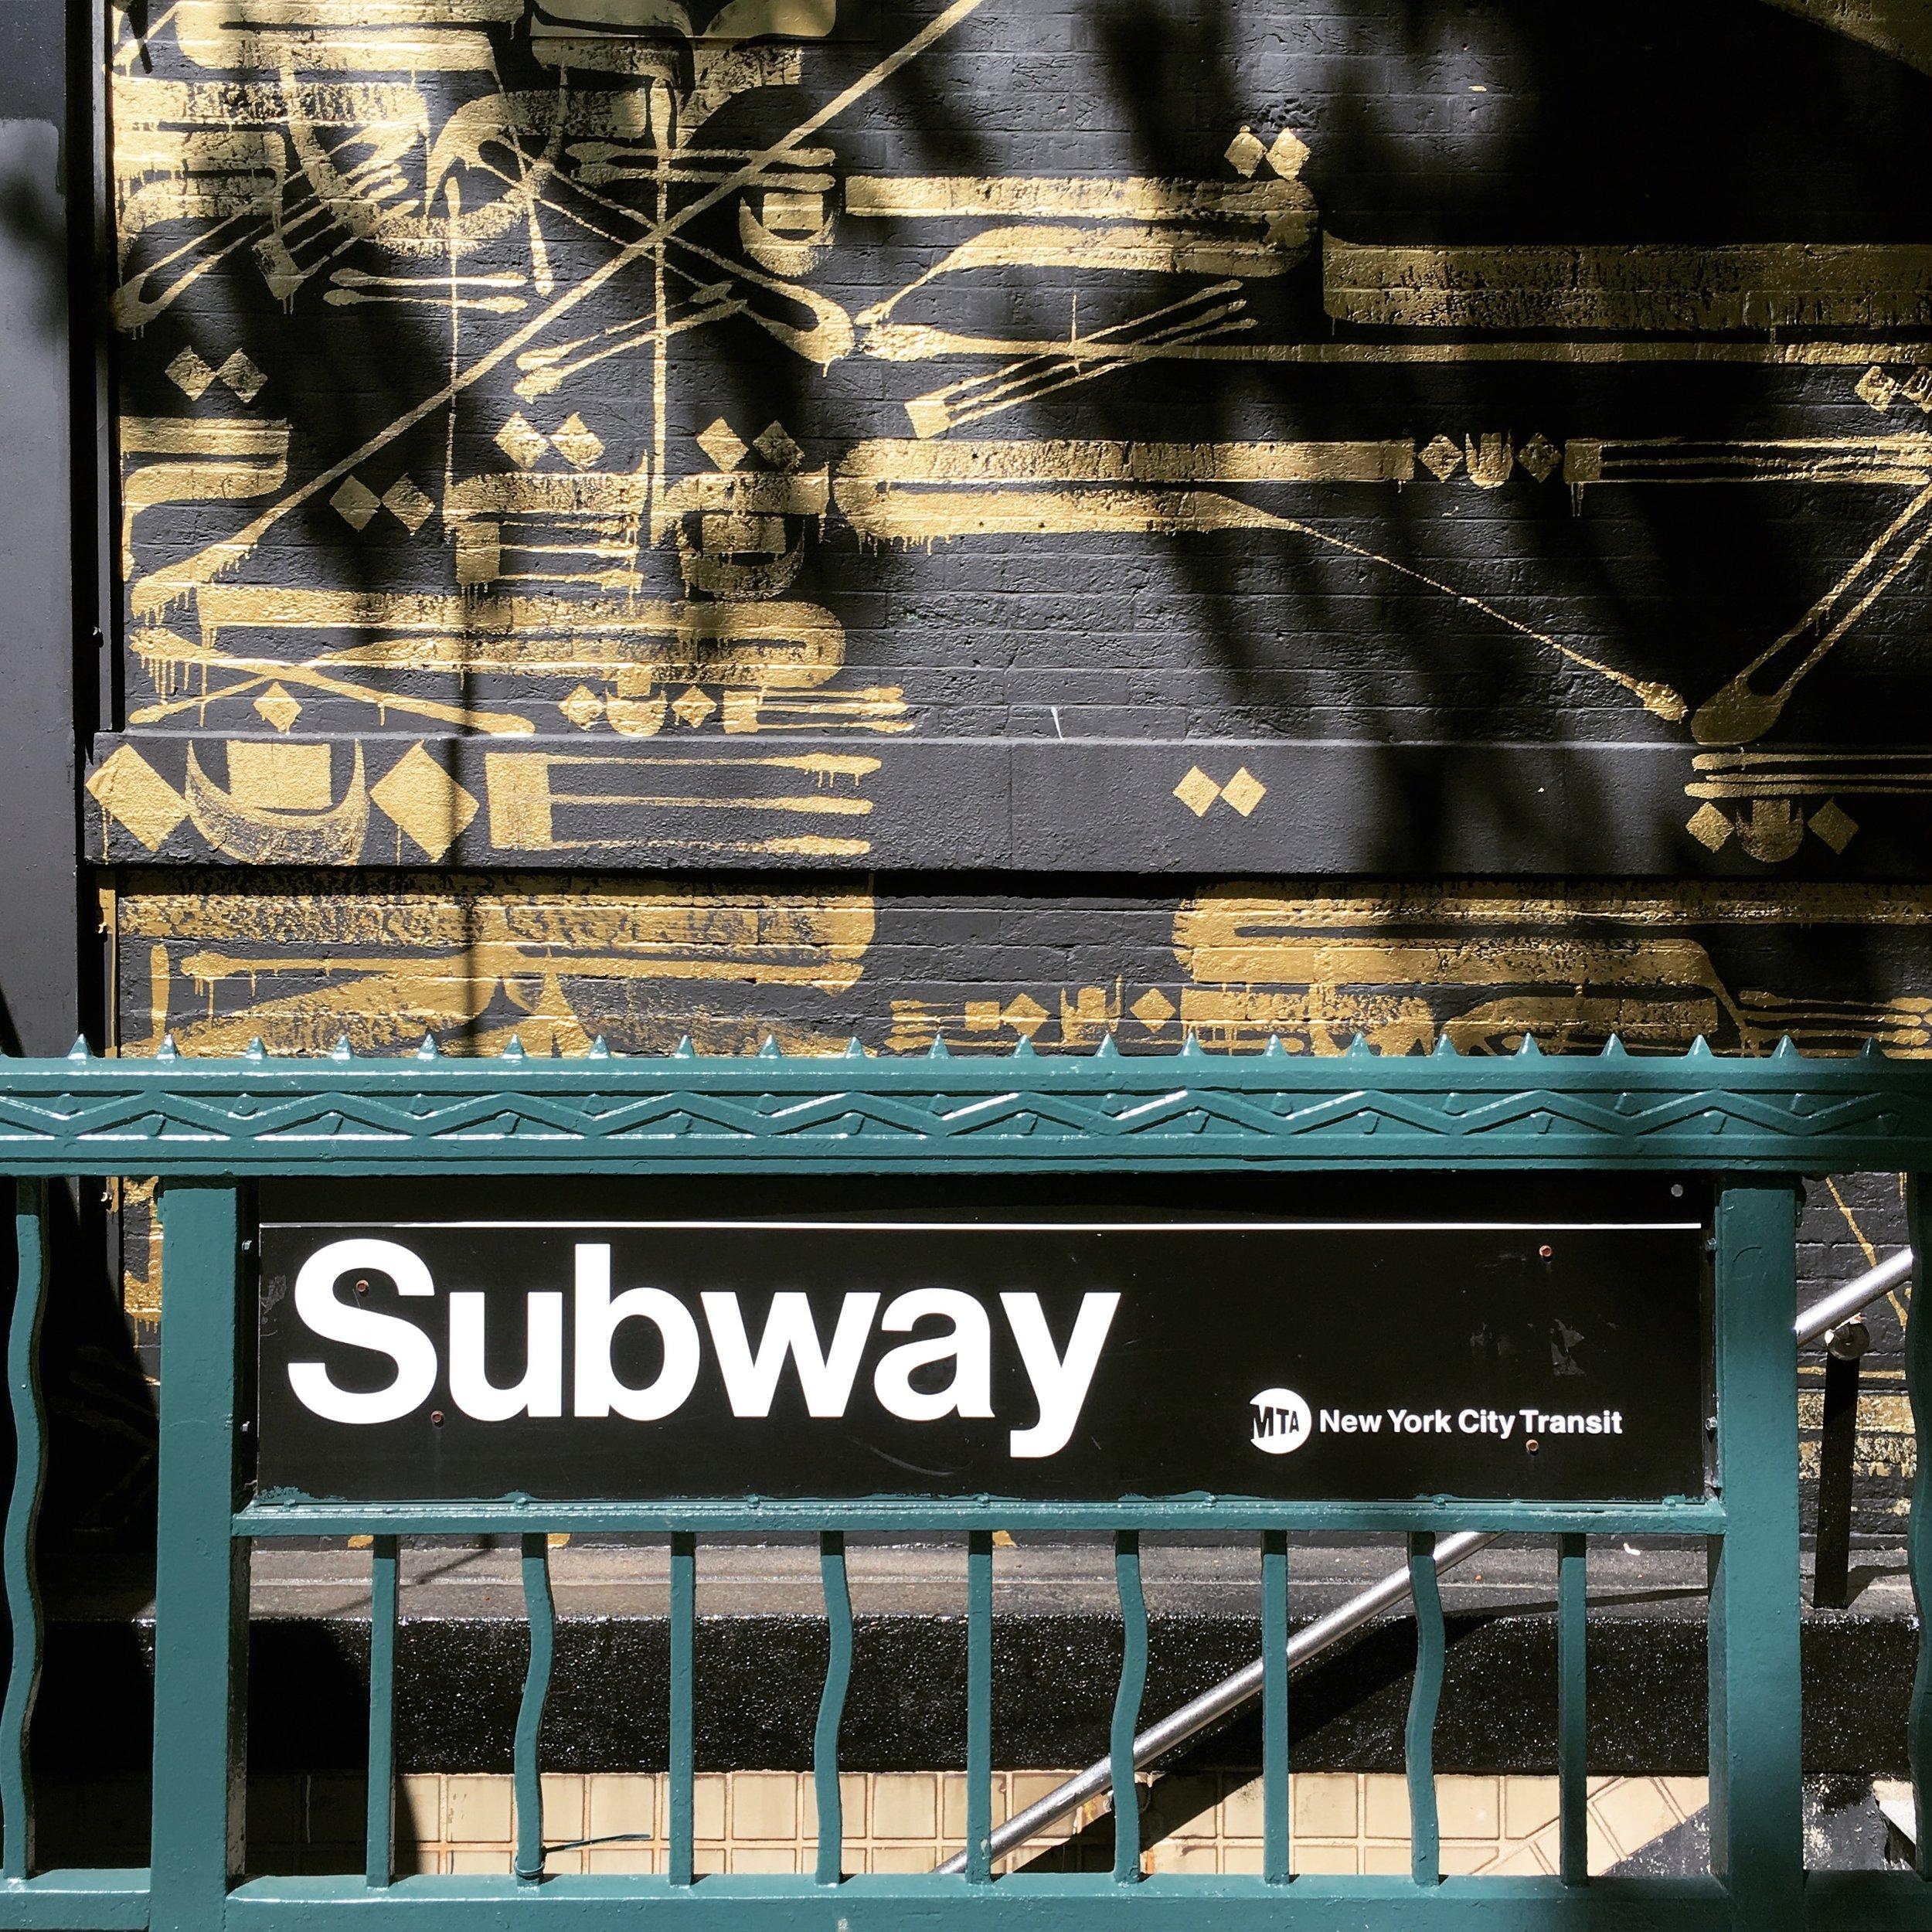 Lozidaze_NYC_Subway